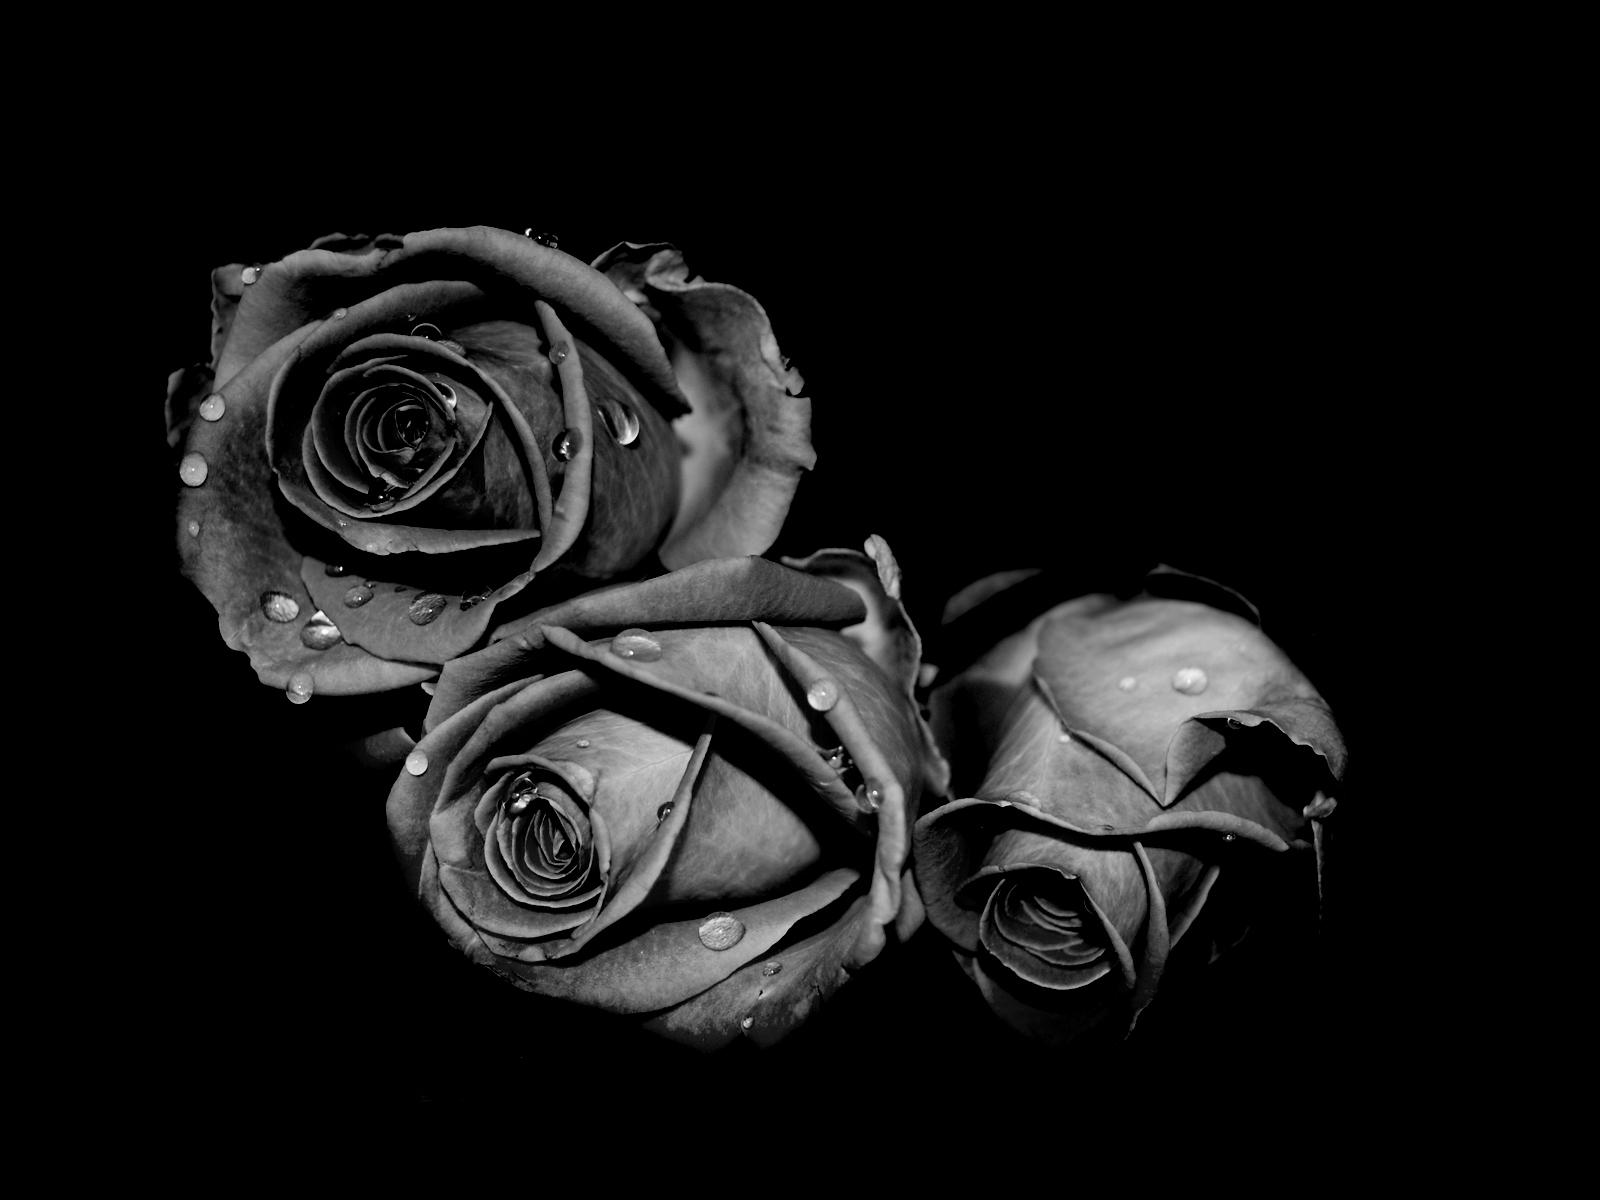 Black Rose Background